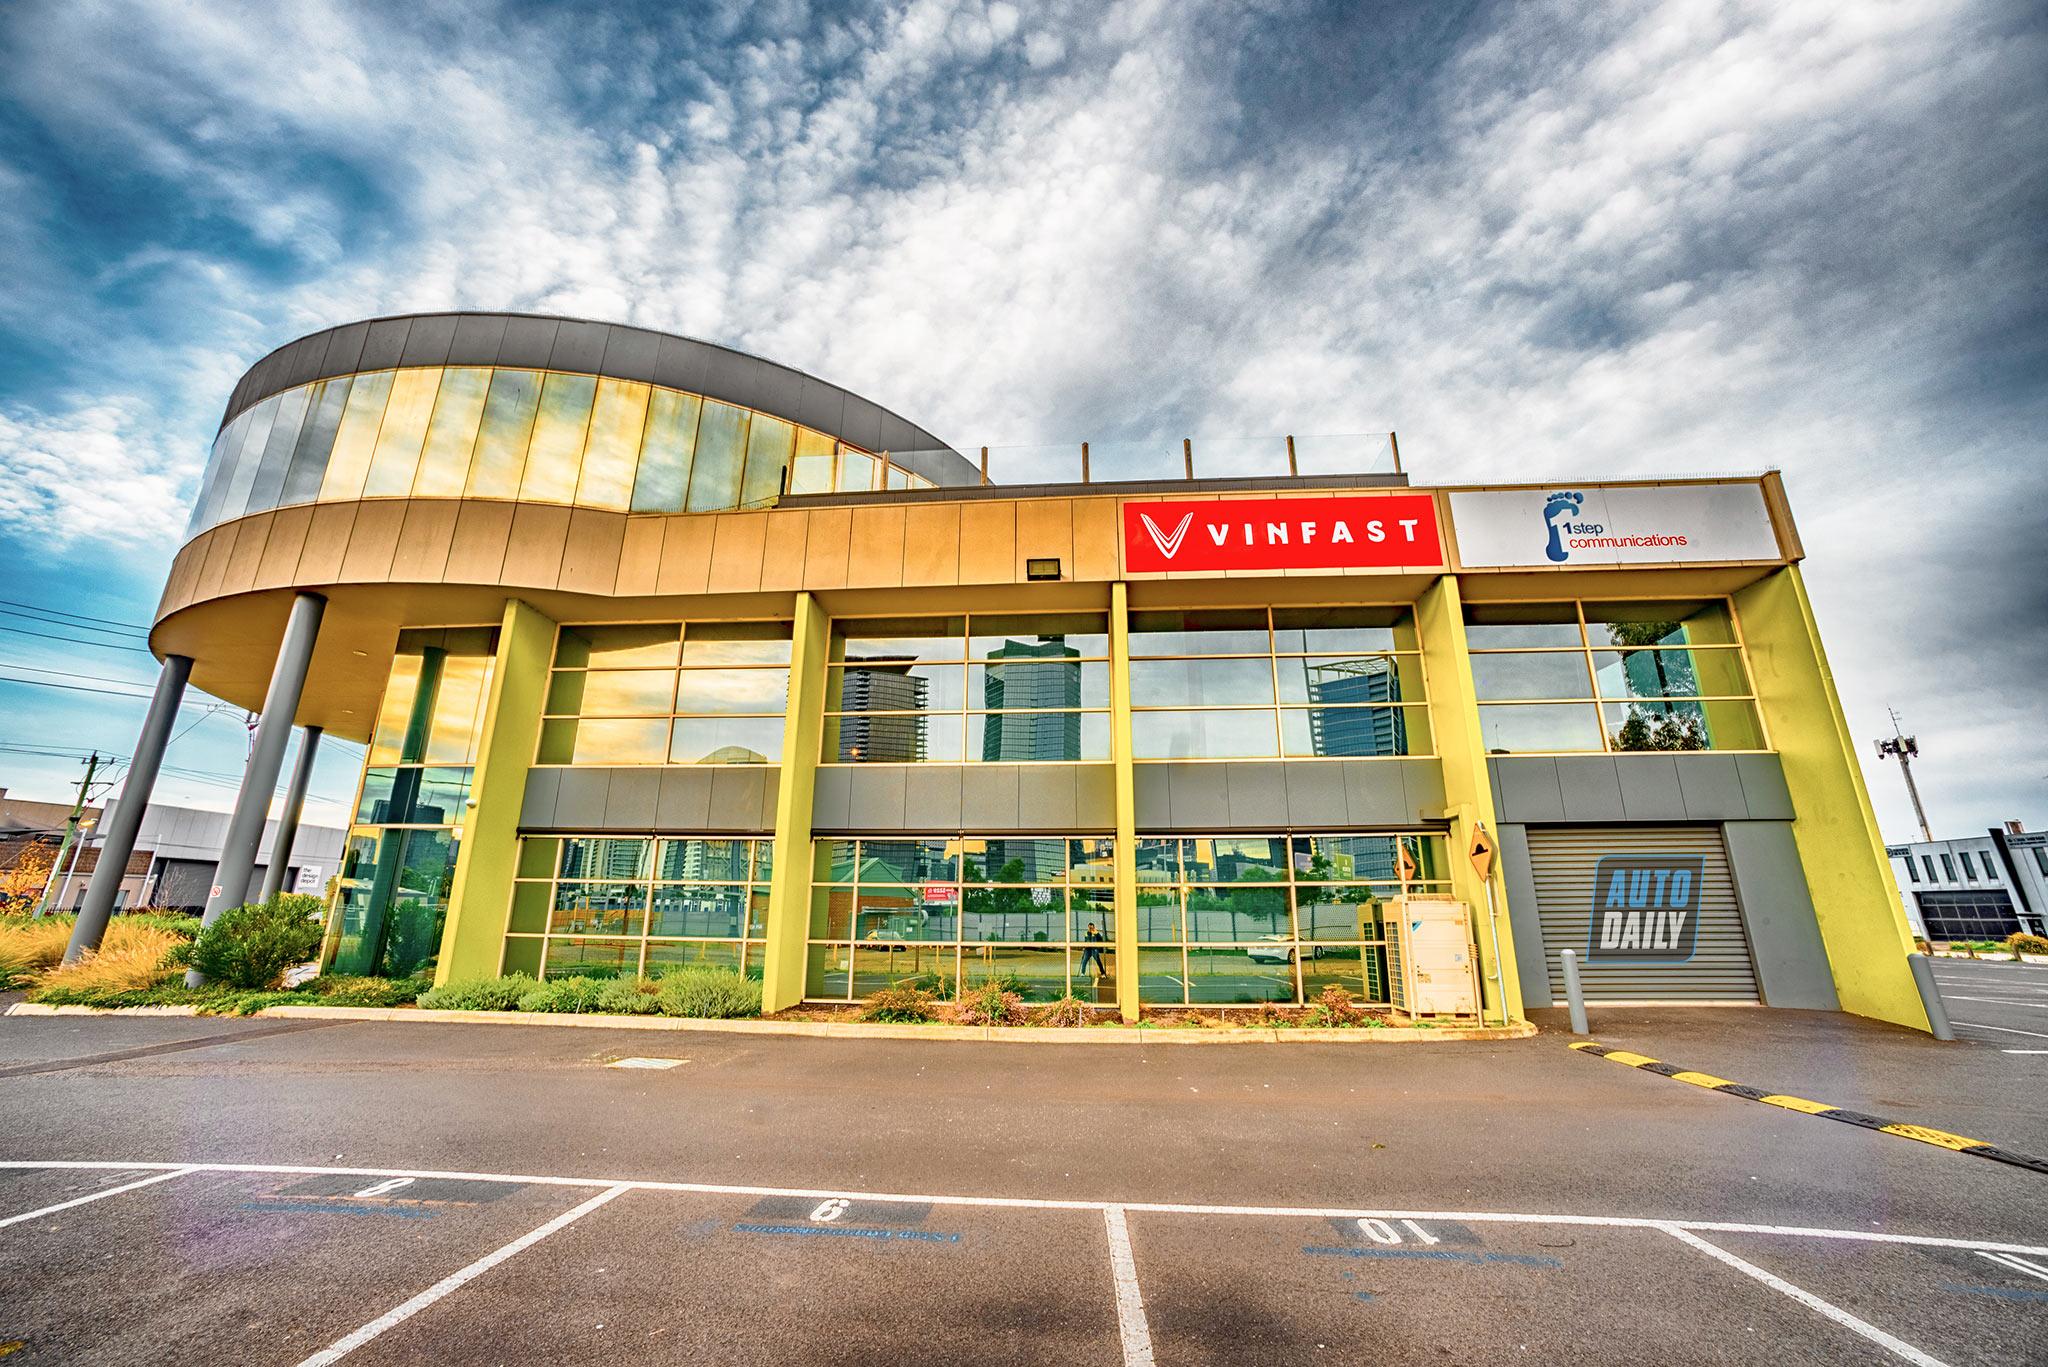 van-phong-vinfast-uc-autodaily-06.jpg